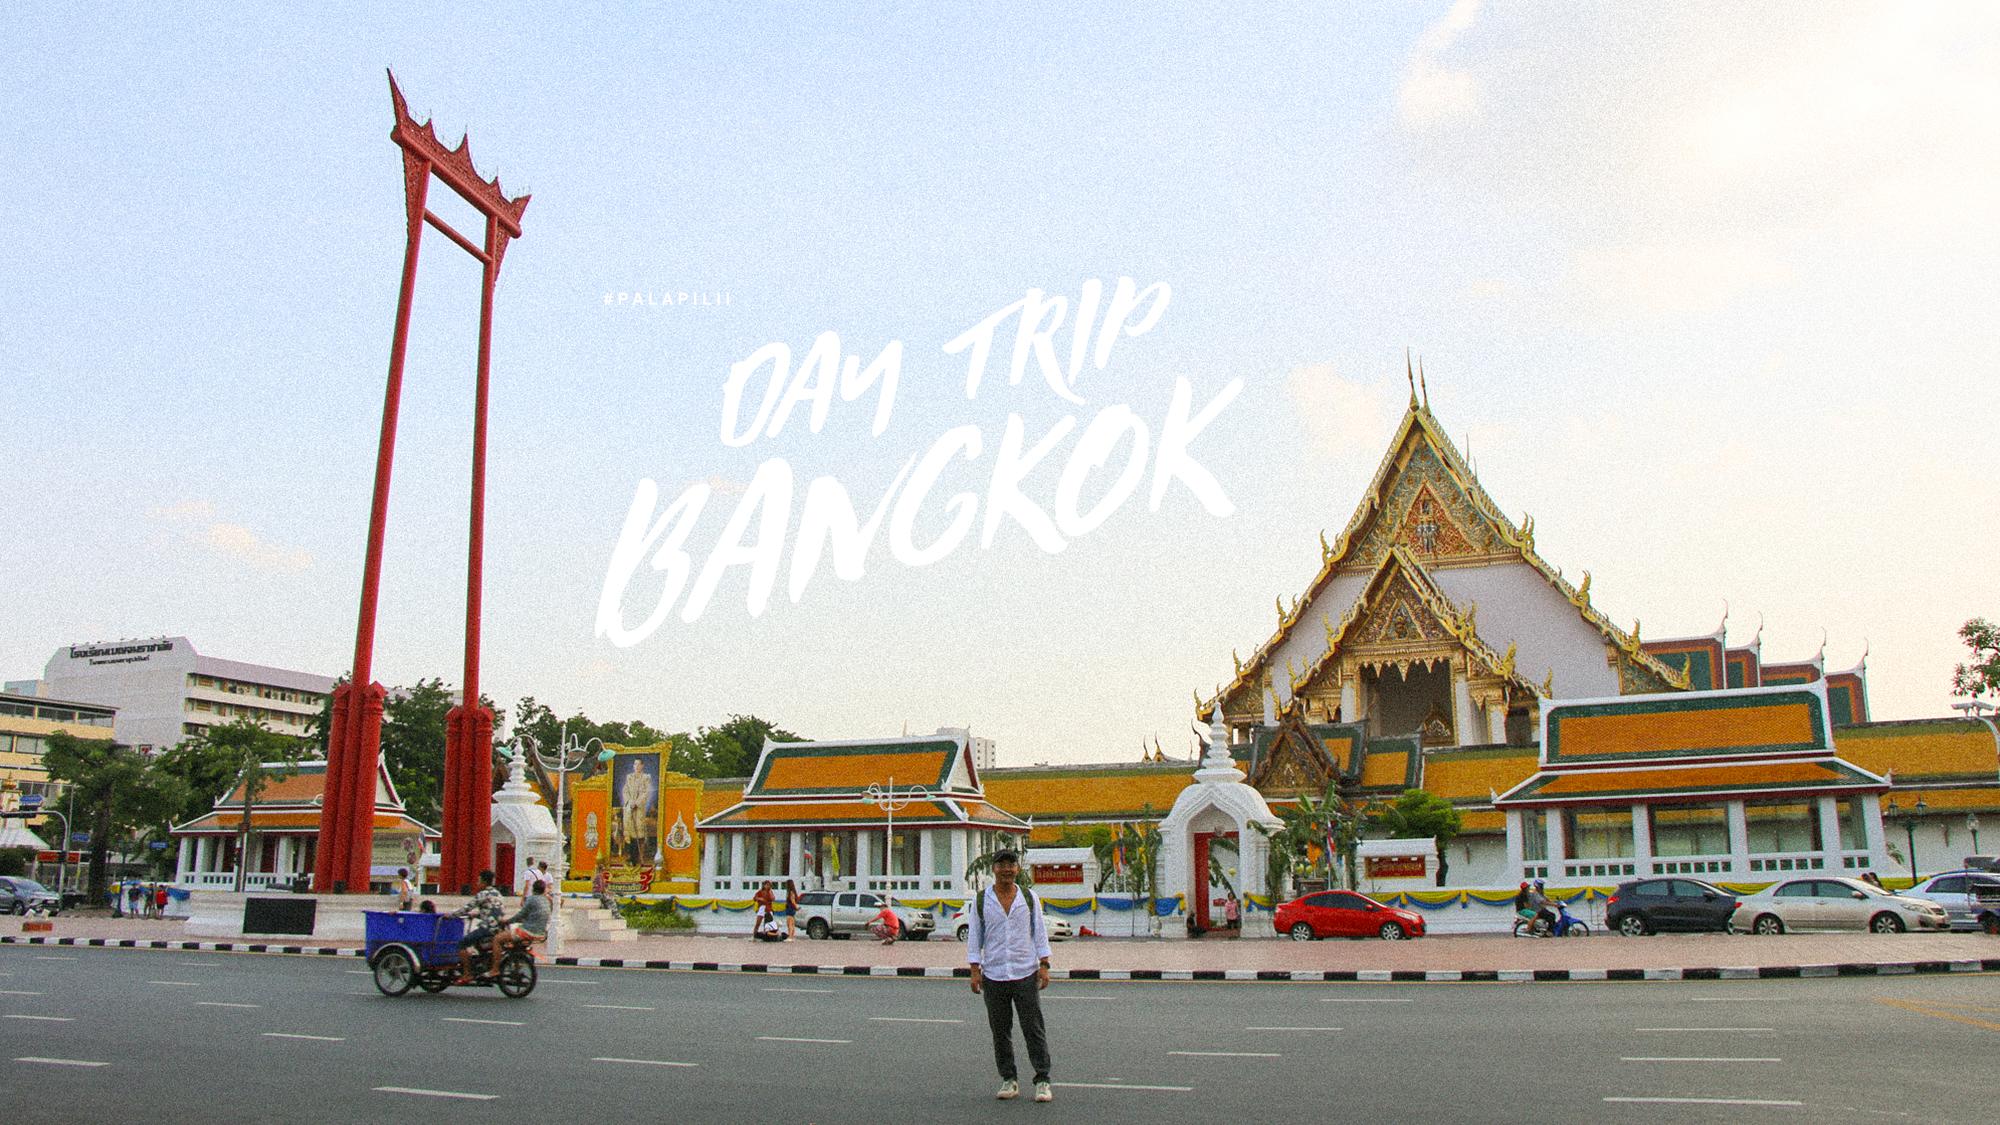 DAY TRIP BANGKOK วันว่าง ๆ กลางกรุง และการทำบุญโลงศพ